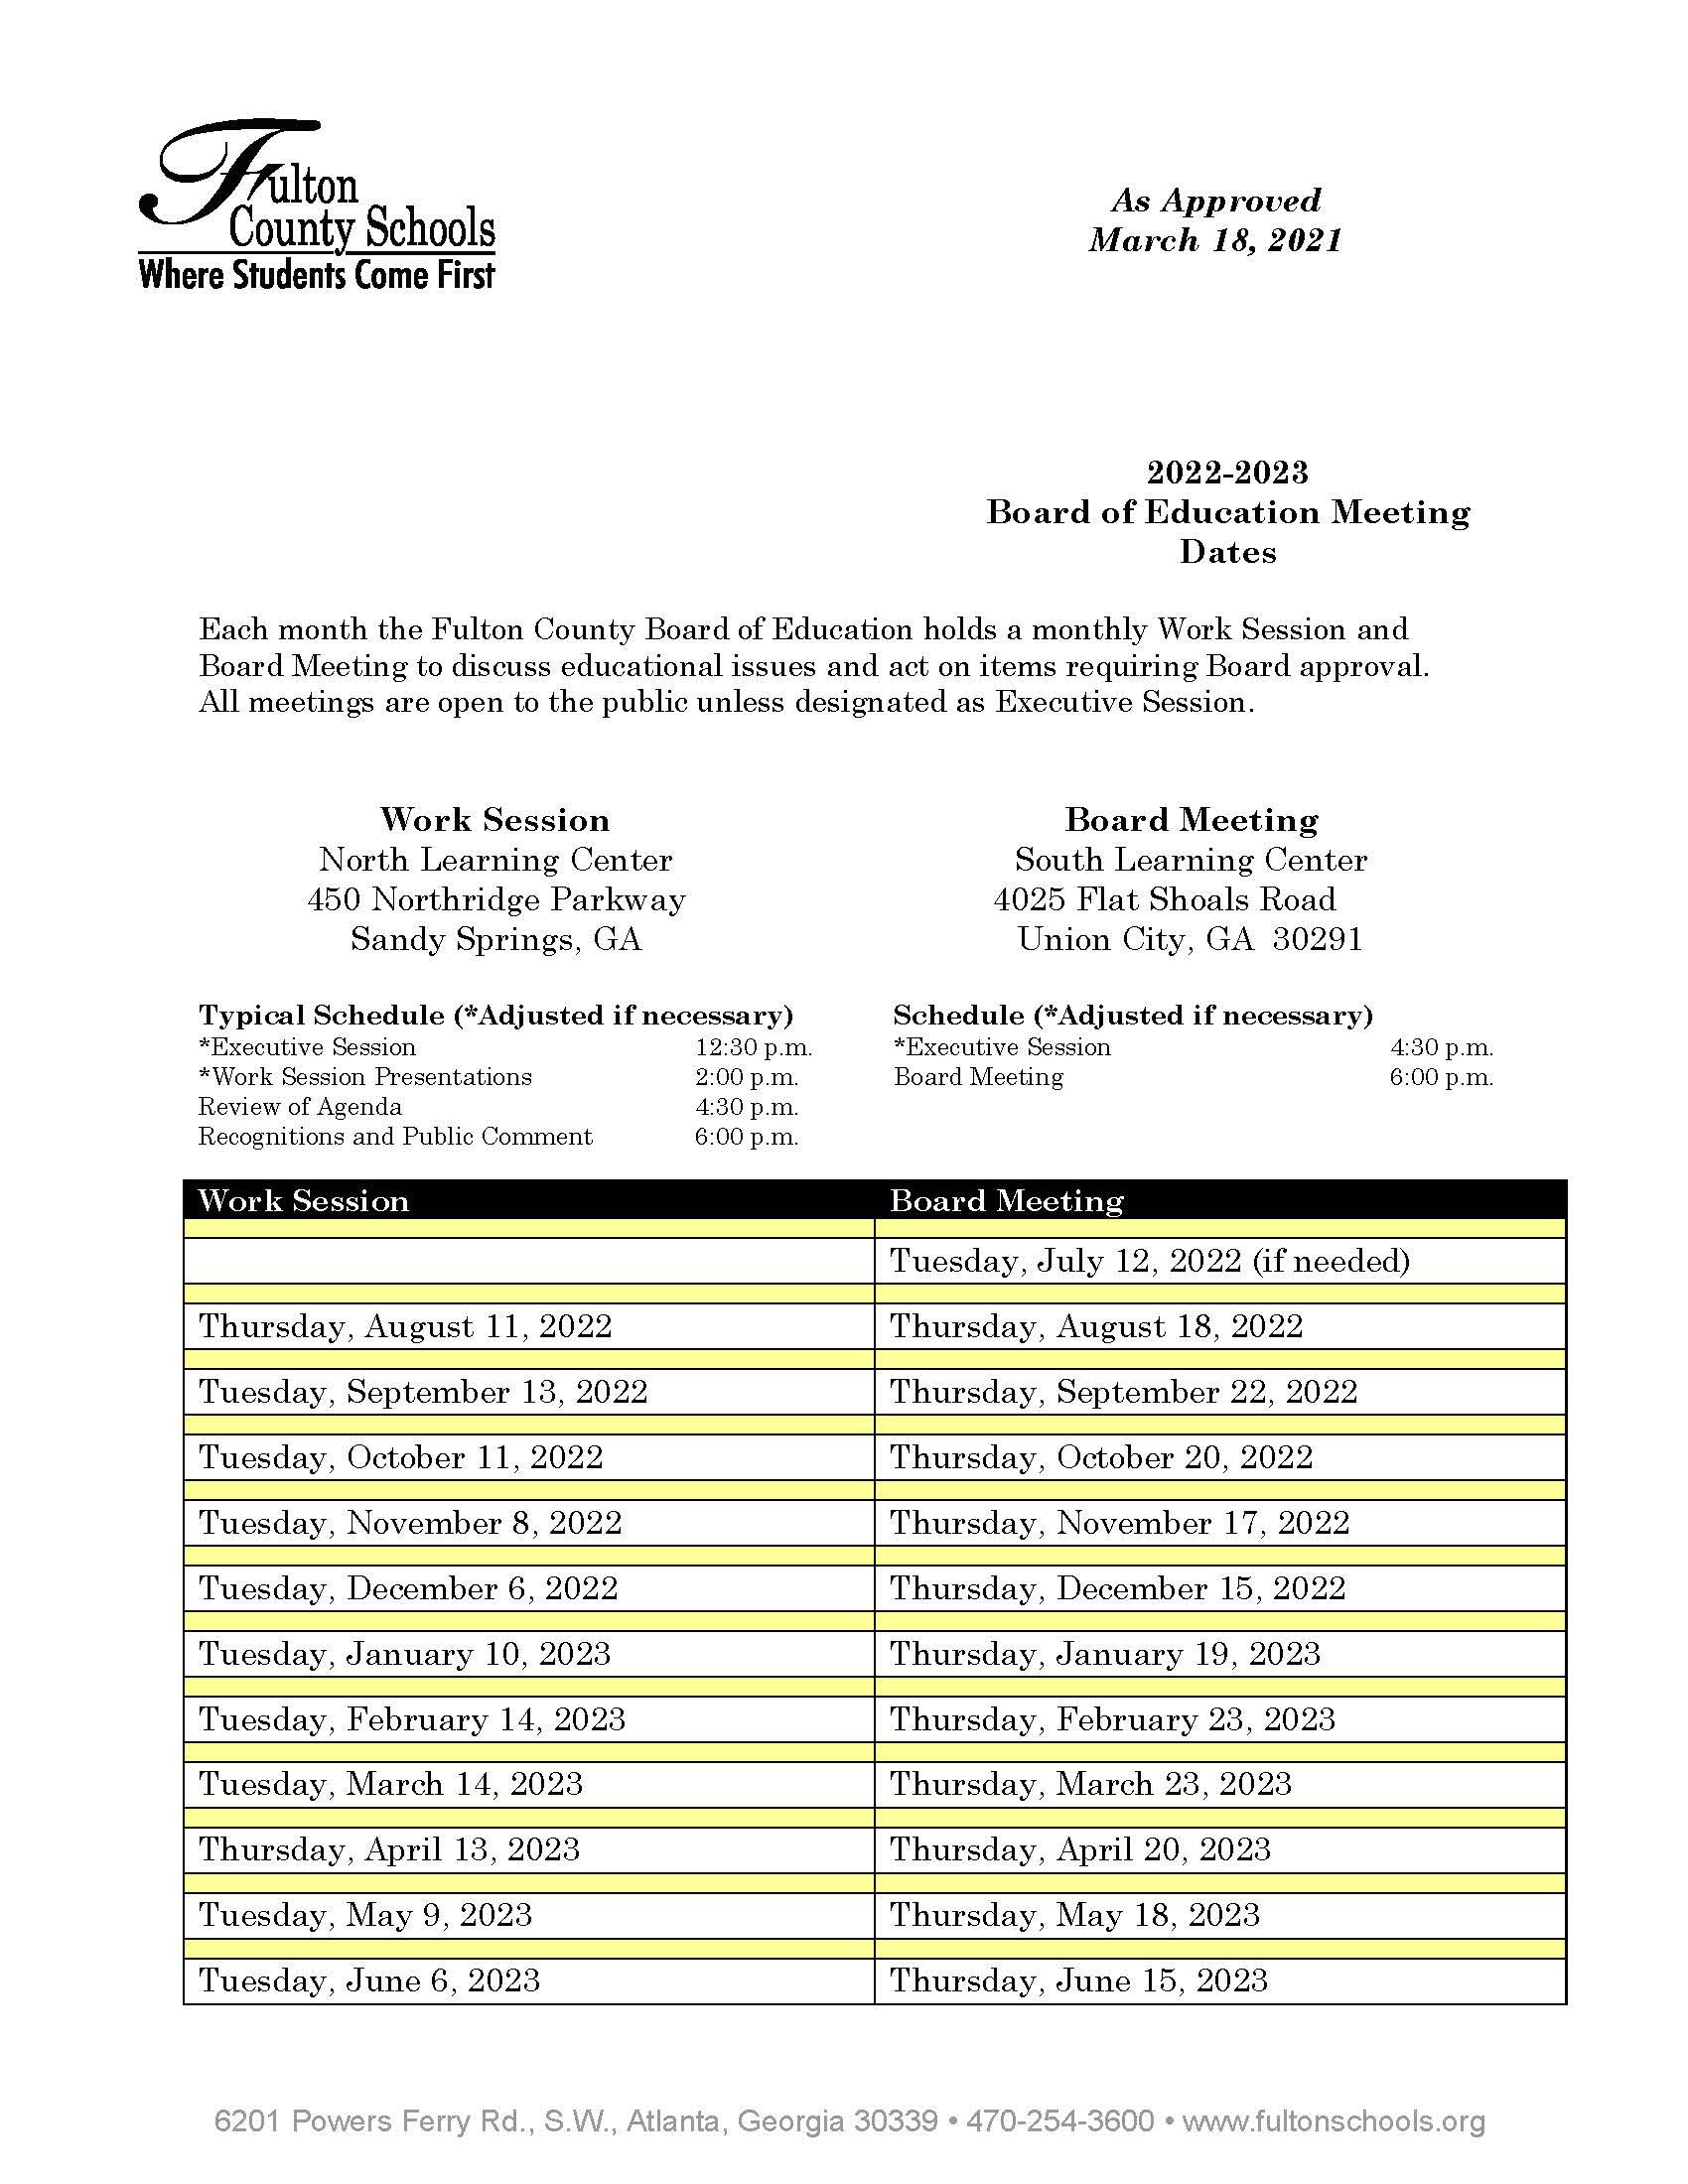 Printable 2022-23 Board Meeting Schedule